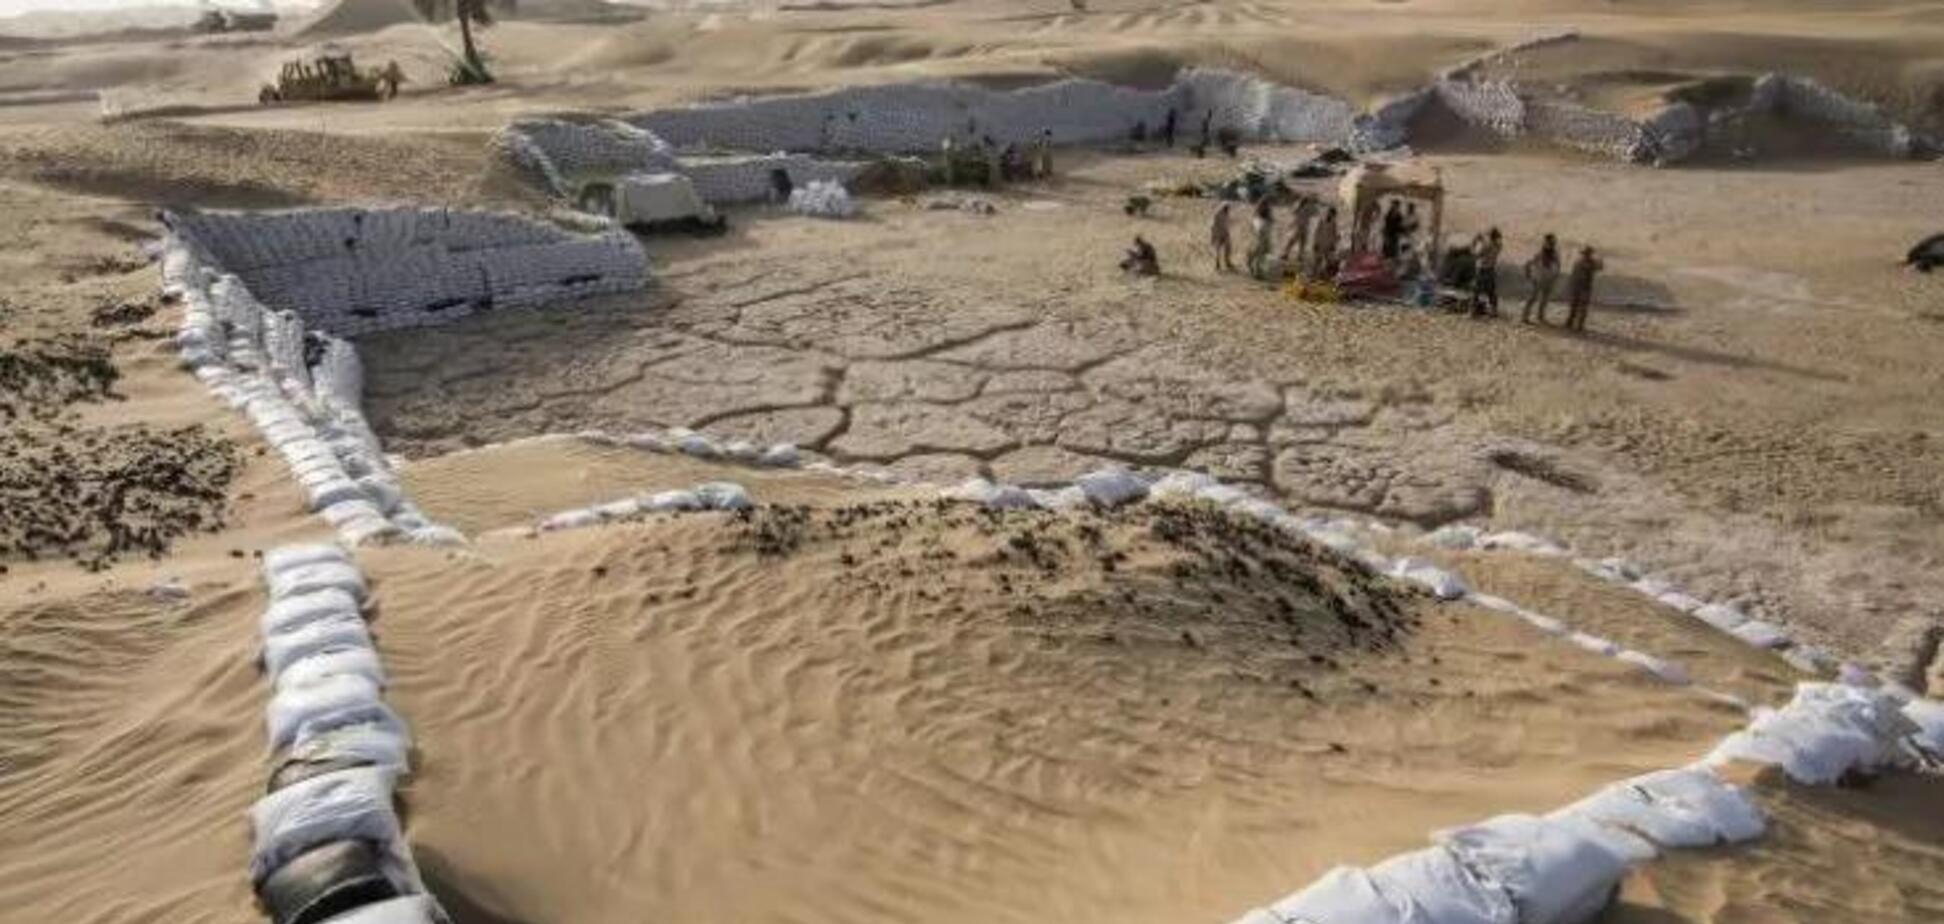 Технологію переробки посуду винайшли тисячі років тому: археологи зробили відкриття